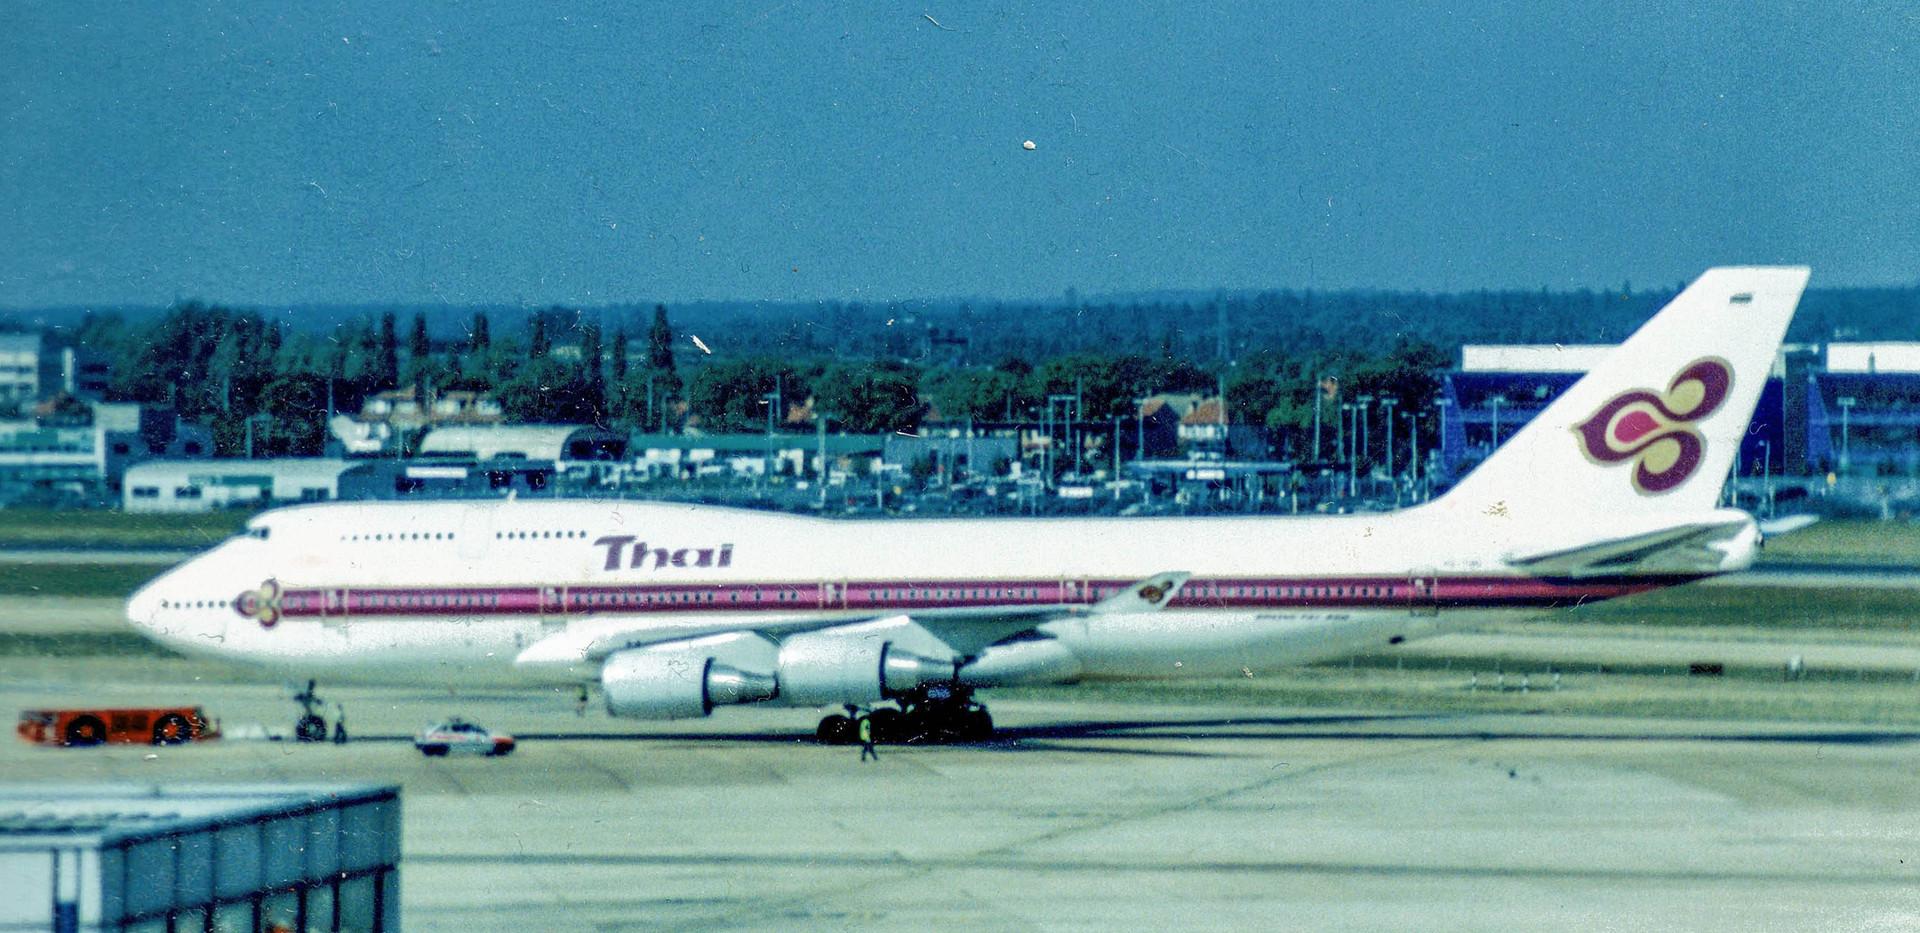 egll--thai-747-400_24314064417_o.jpg